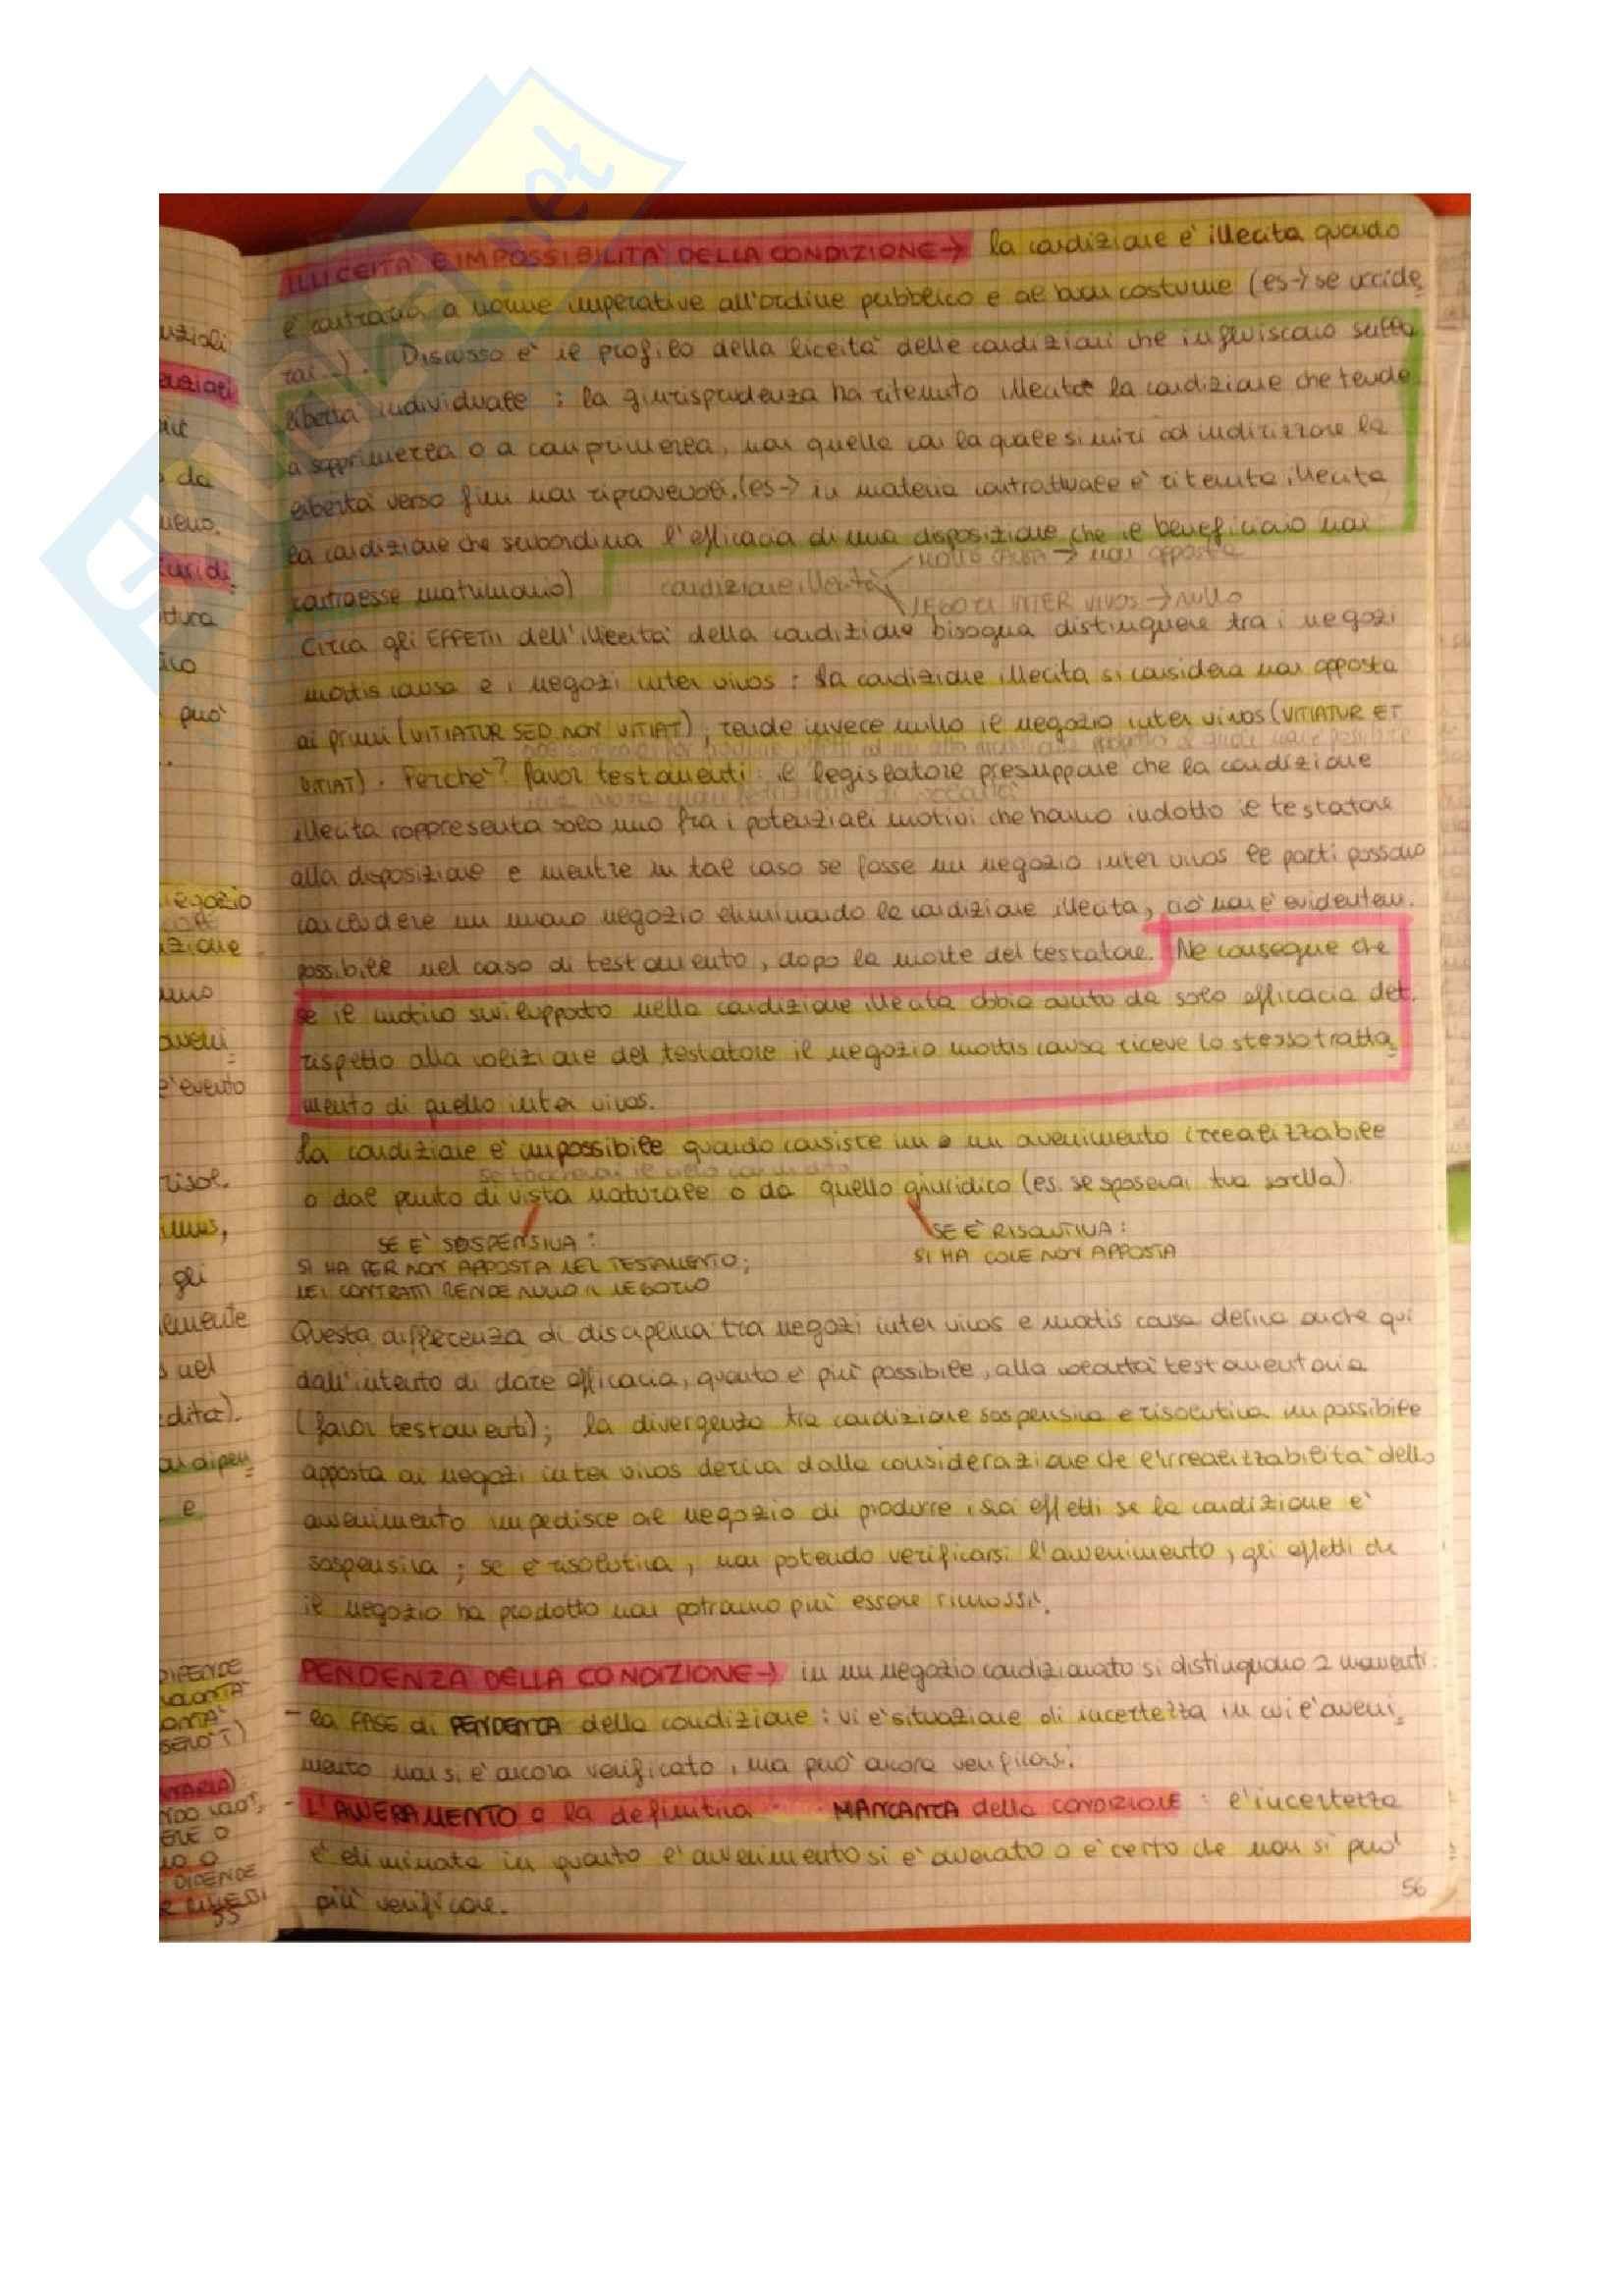 Diritto privato - gli elementi accidentali del contratto Pag. 2